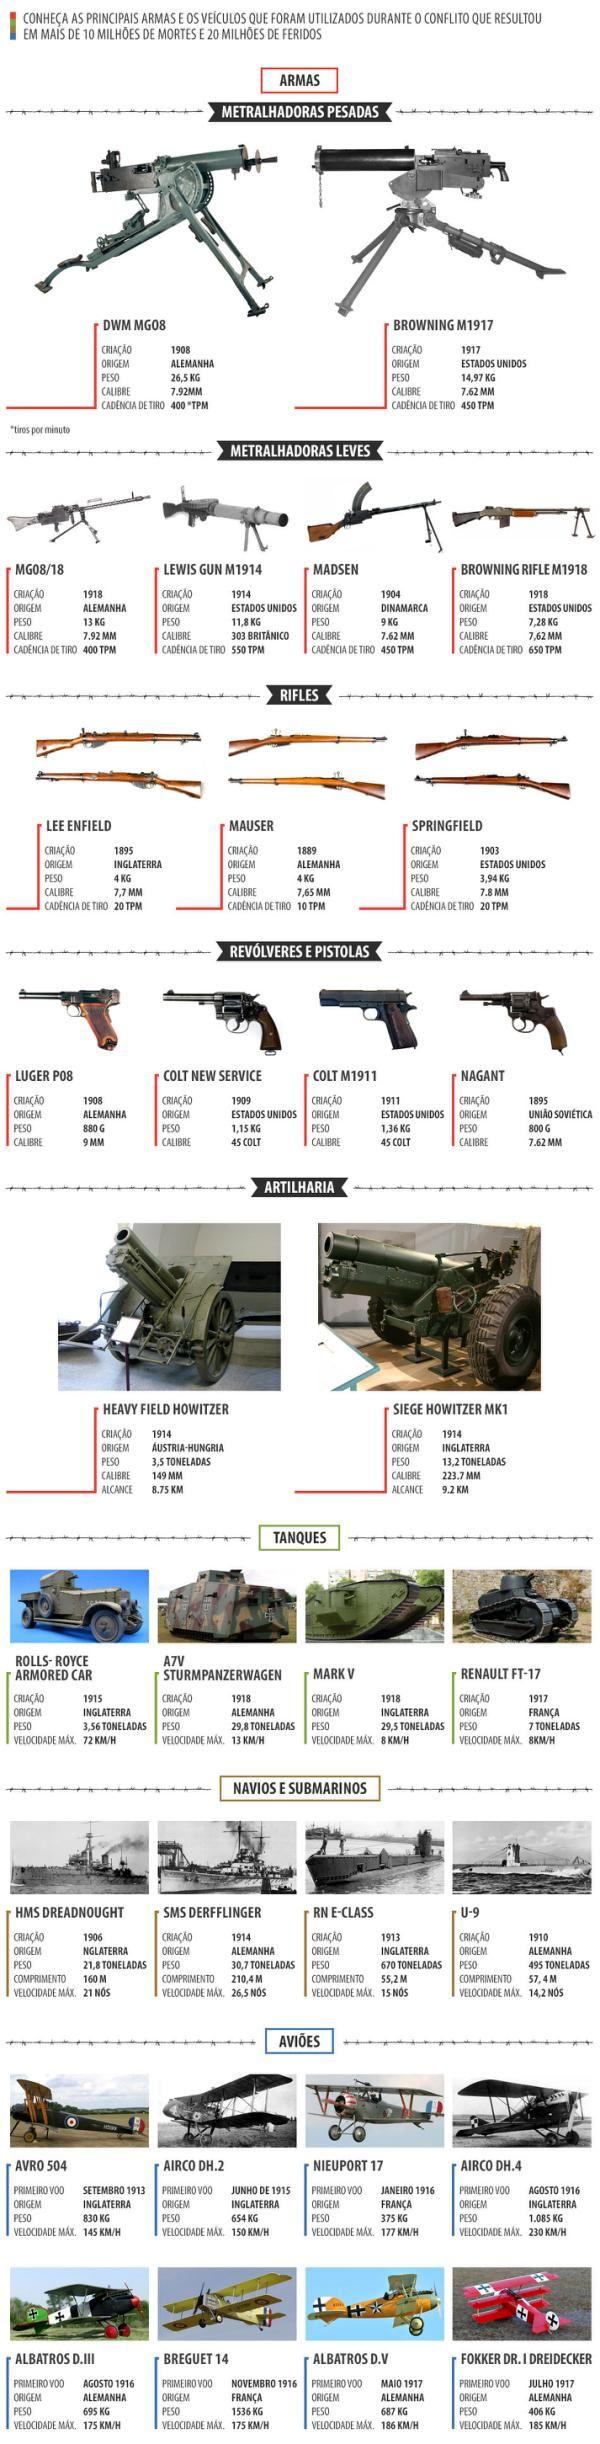 Relembre as armas utilizadas na Primeira Guerra Mundial - Yahoo Notícias